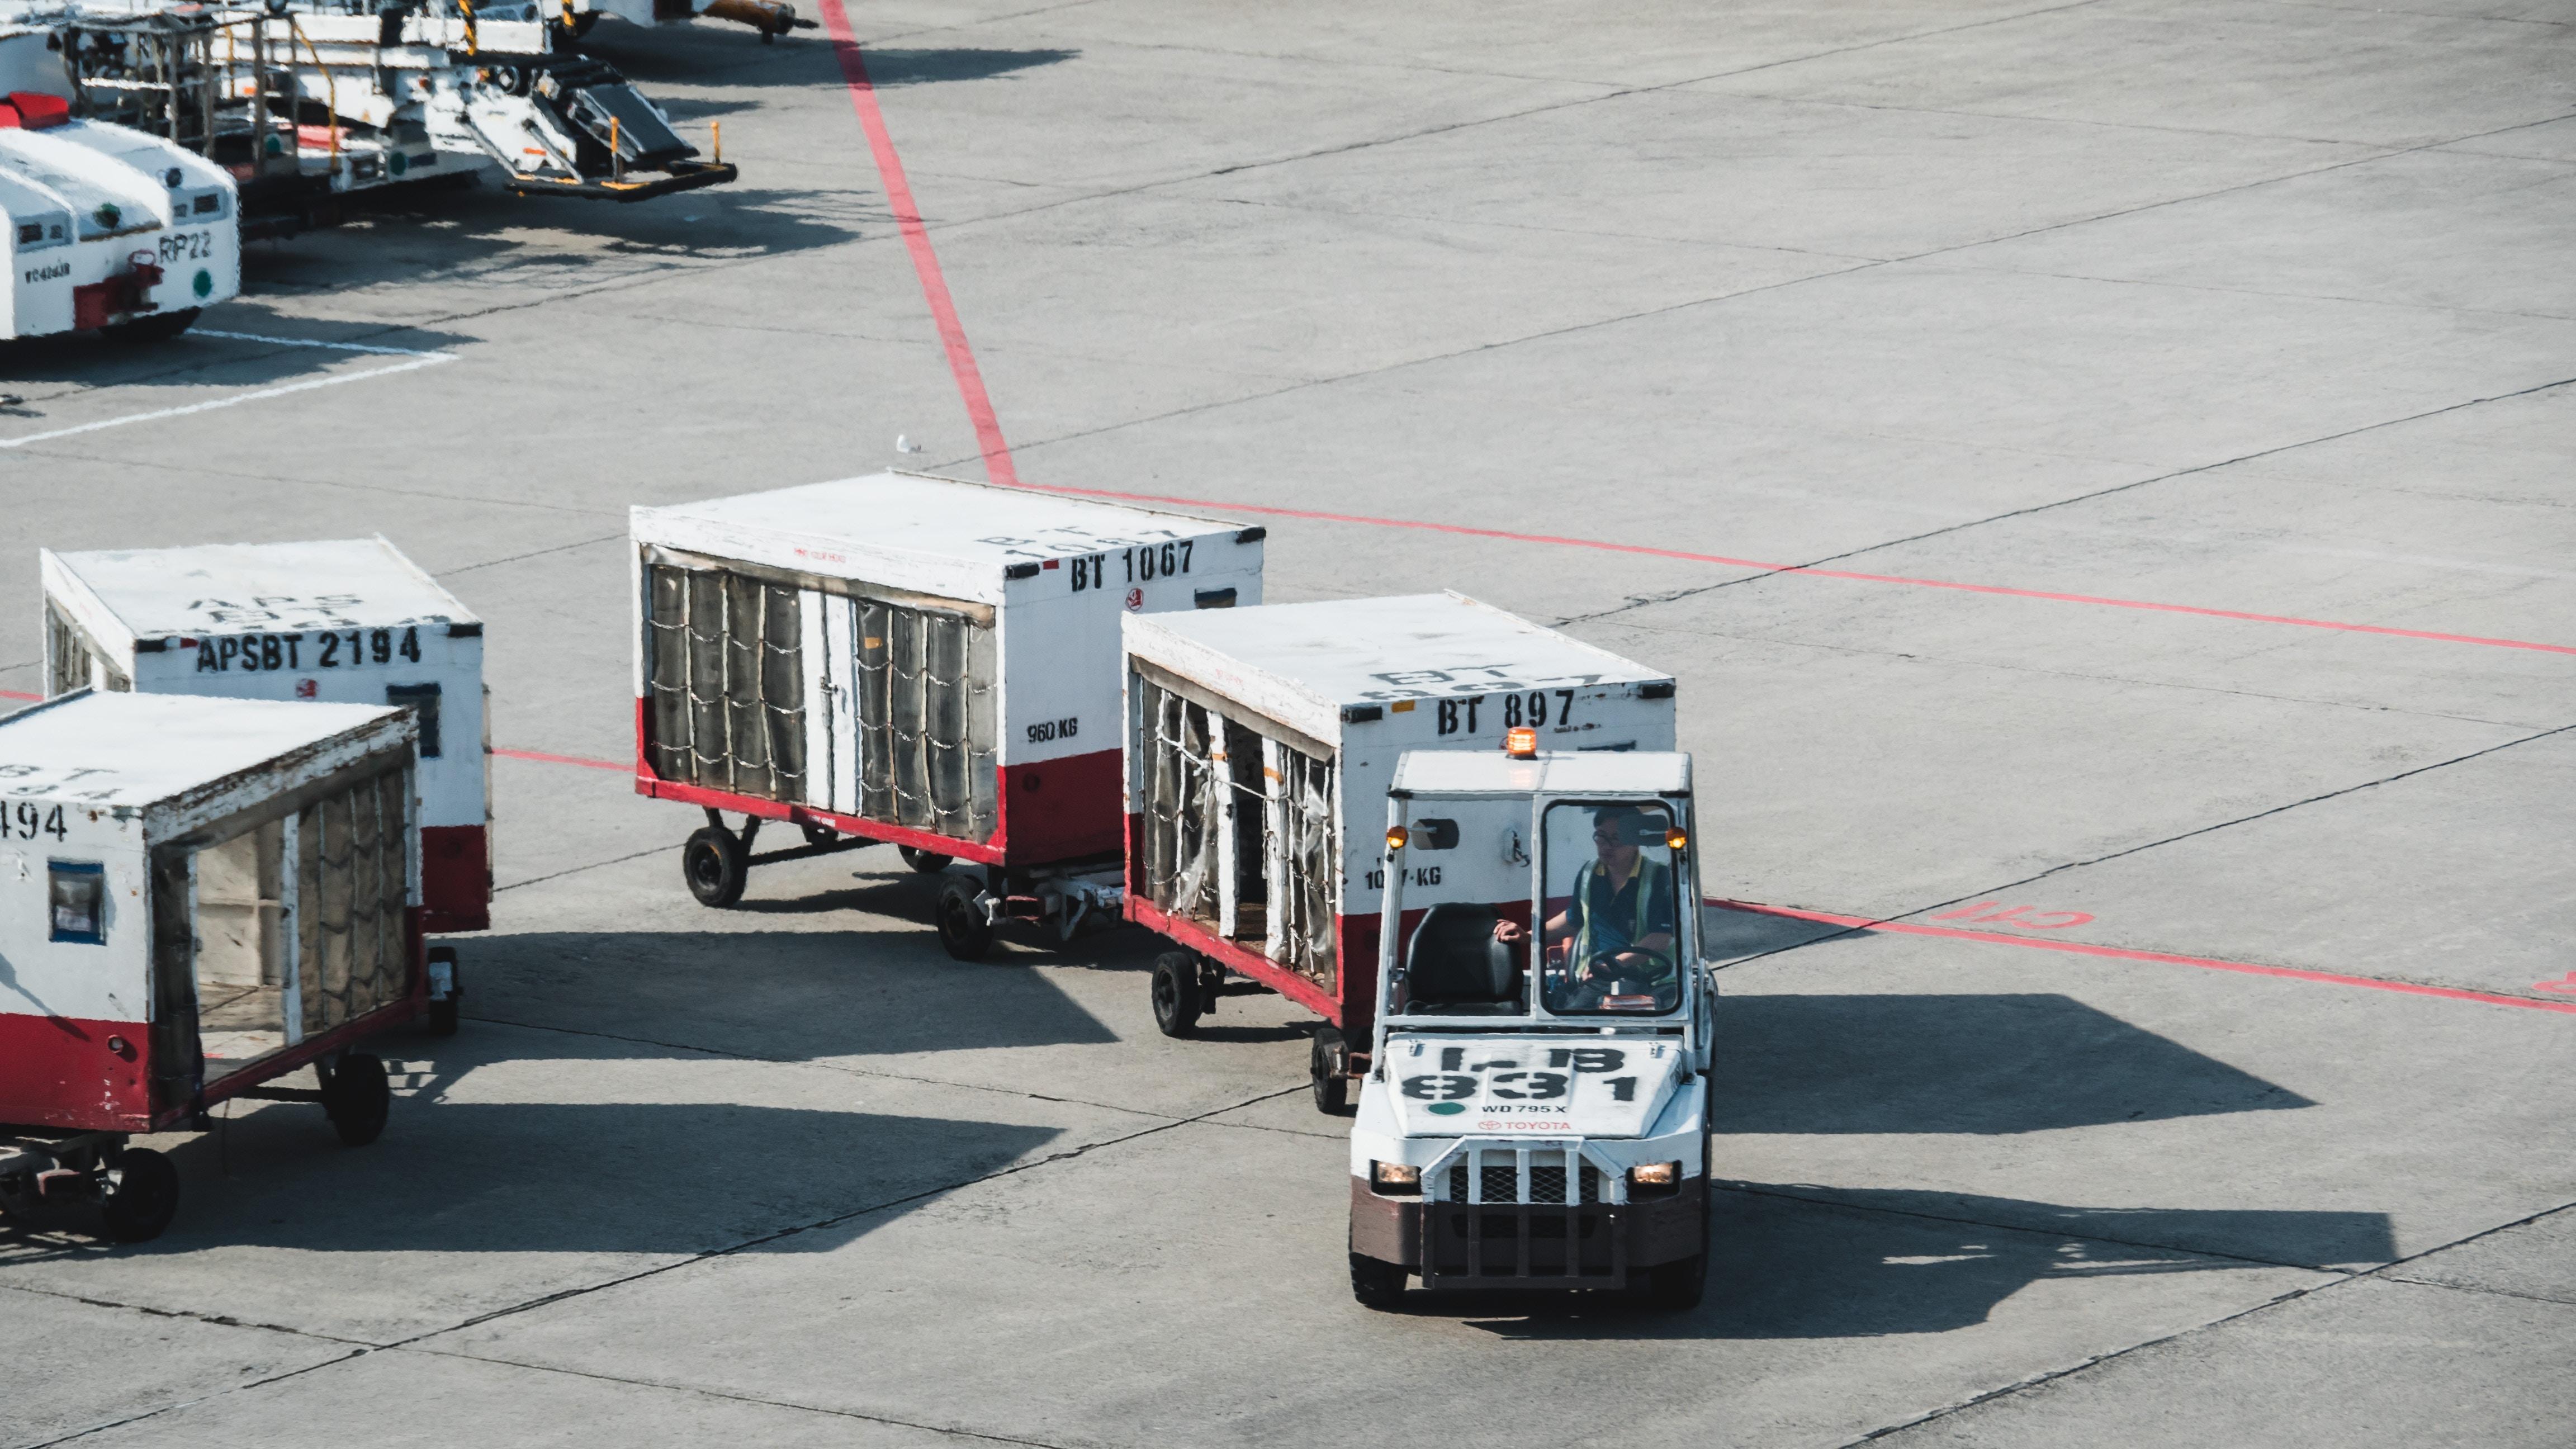 Alt fra en ladtrailer til en cargo trailer kan købes hos Trailergaarden Gantrup